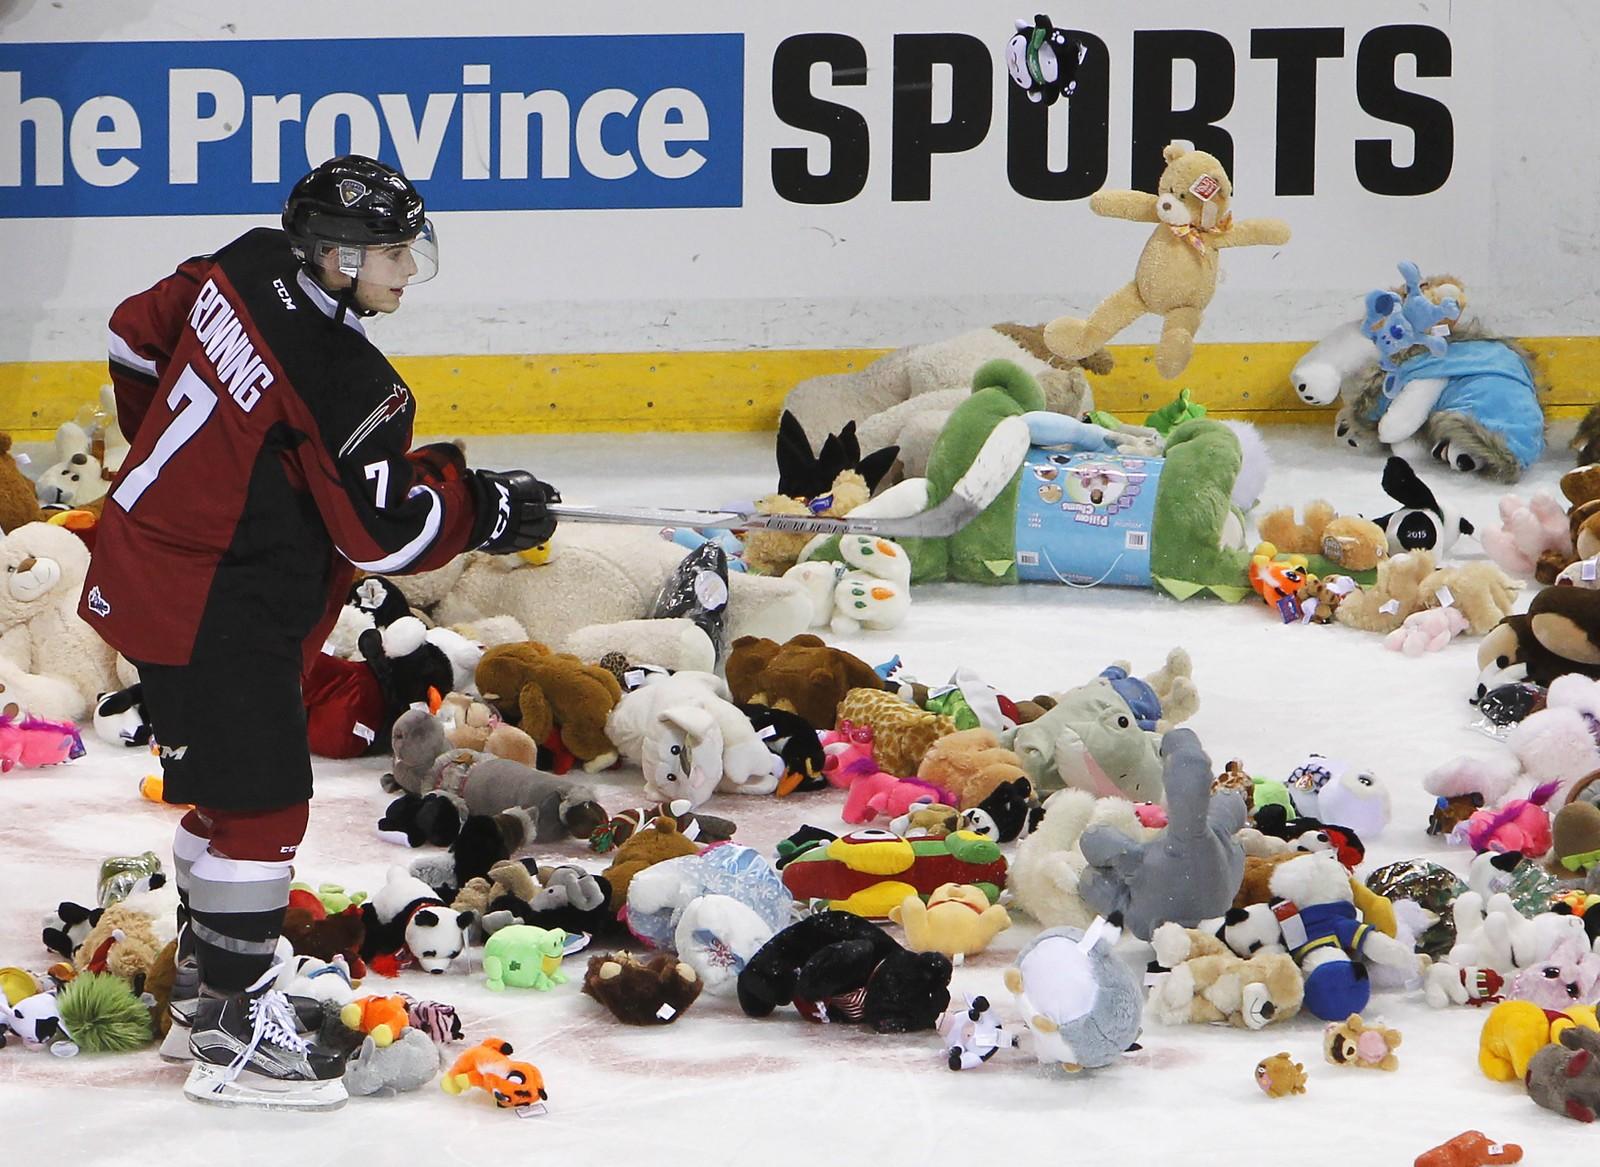 Vancouver Giants' Ty Ronning hjelper til med å fjerne alle bamsene som ble kastet inn på isen etter at han scoret mot Everett Silvertips i WHL-kampen 18. desember.